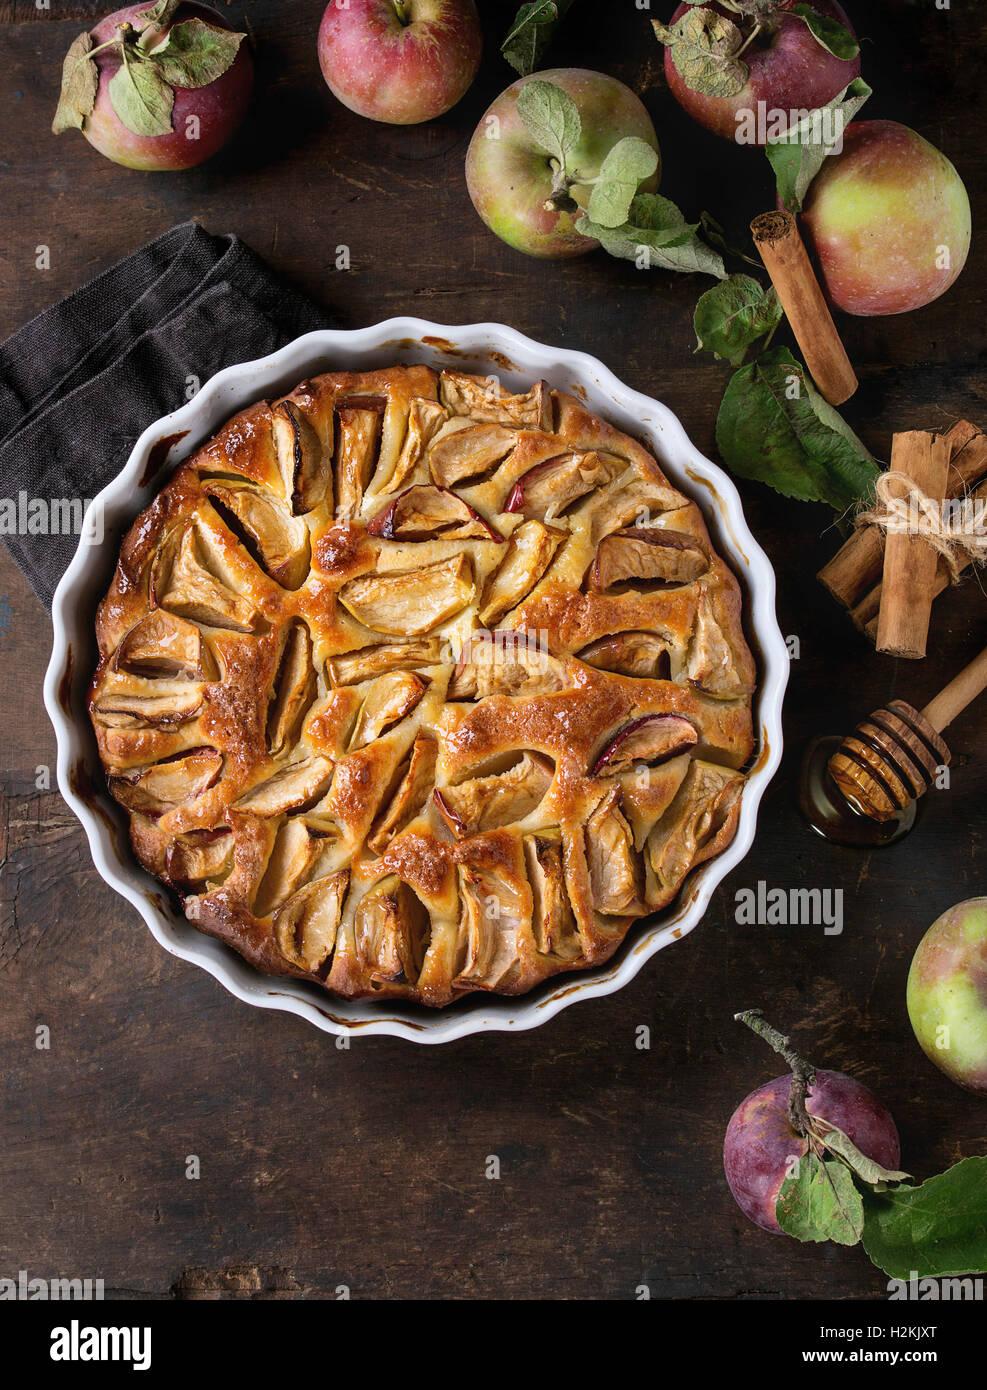 Hausgemachte Kuchen Apfelkuchen in weißer Keramik Form mit frischen Äpfeln mit Blättern, Honig und Stockbild